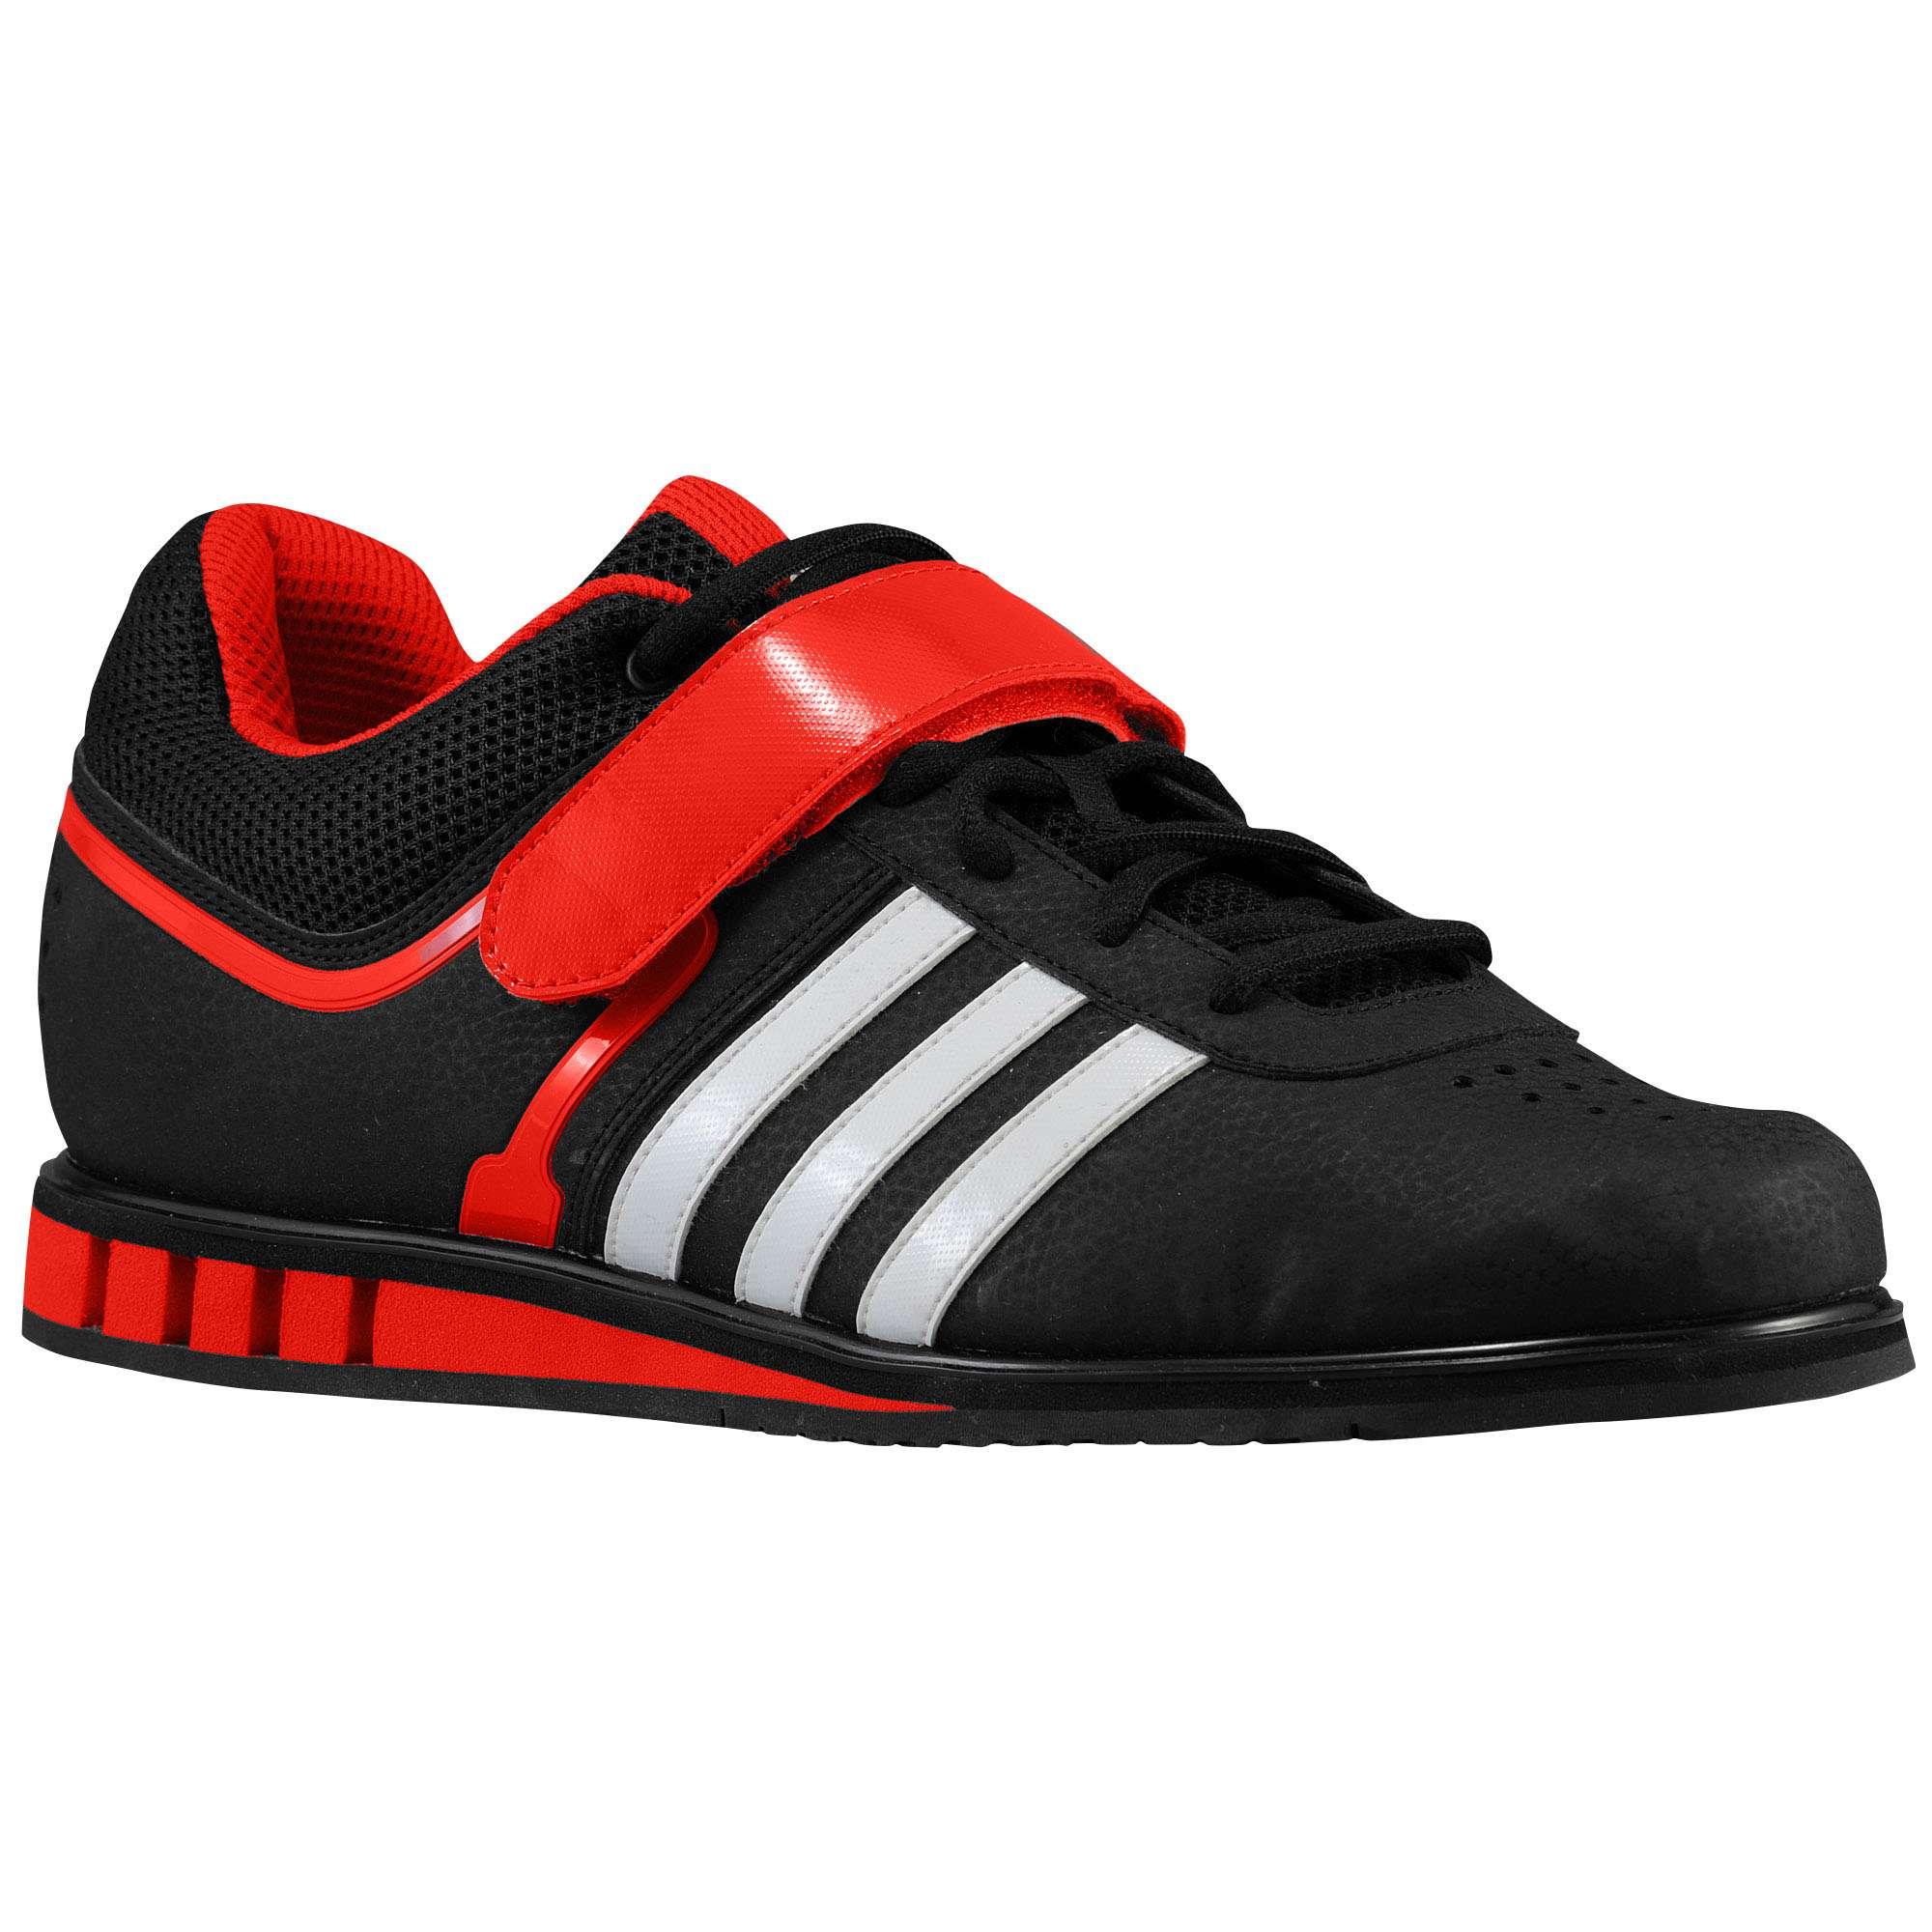 Powerlift schoenen